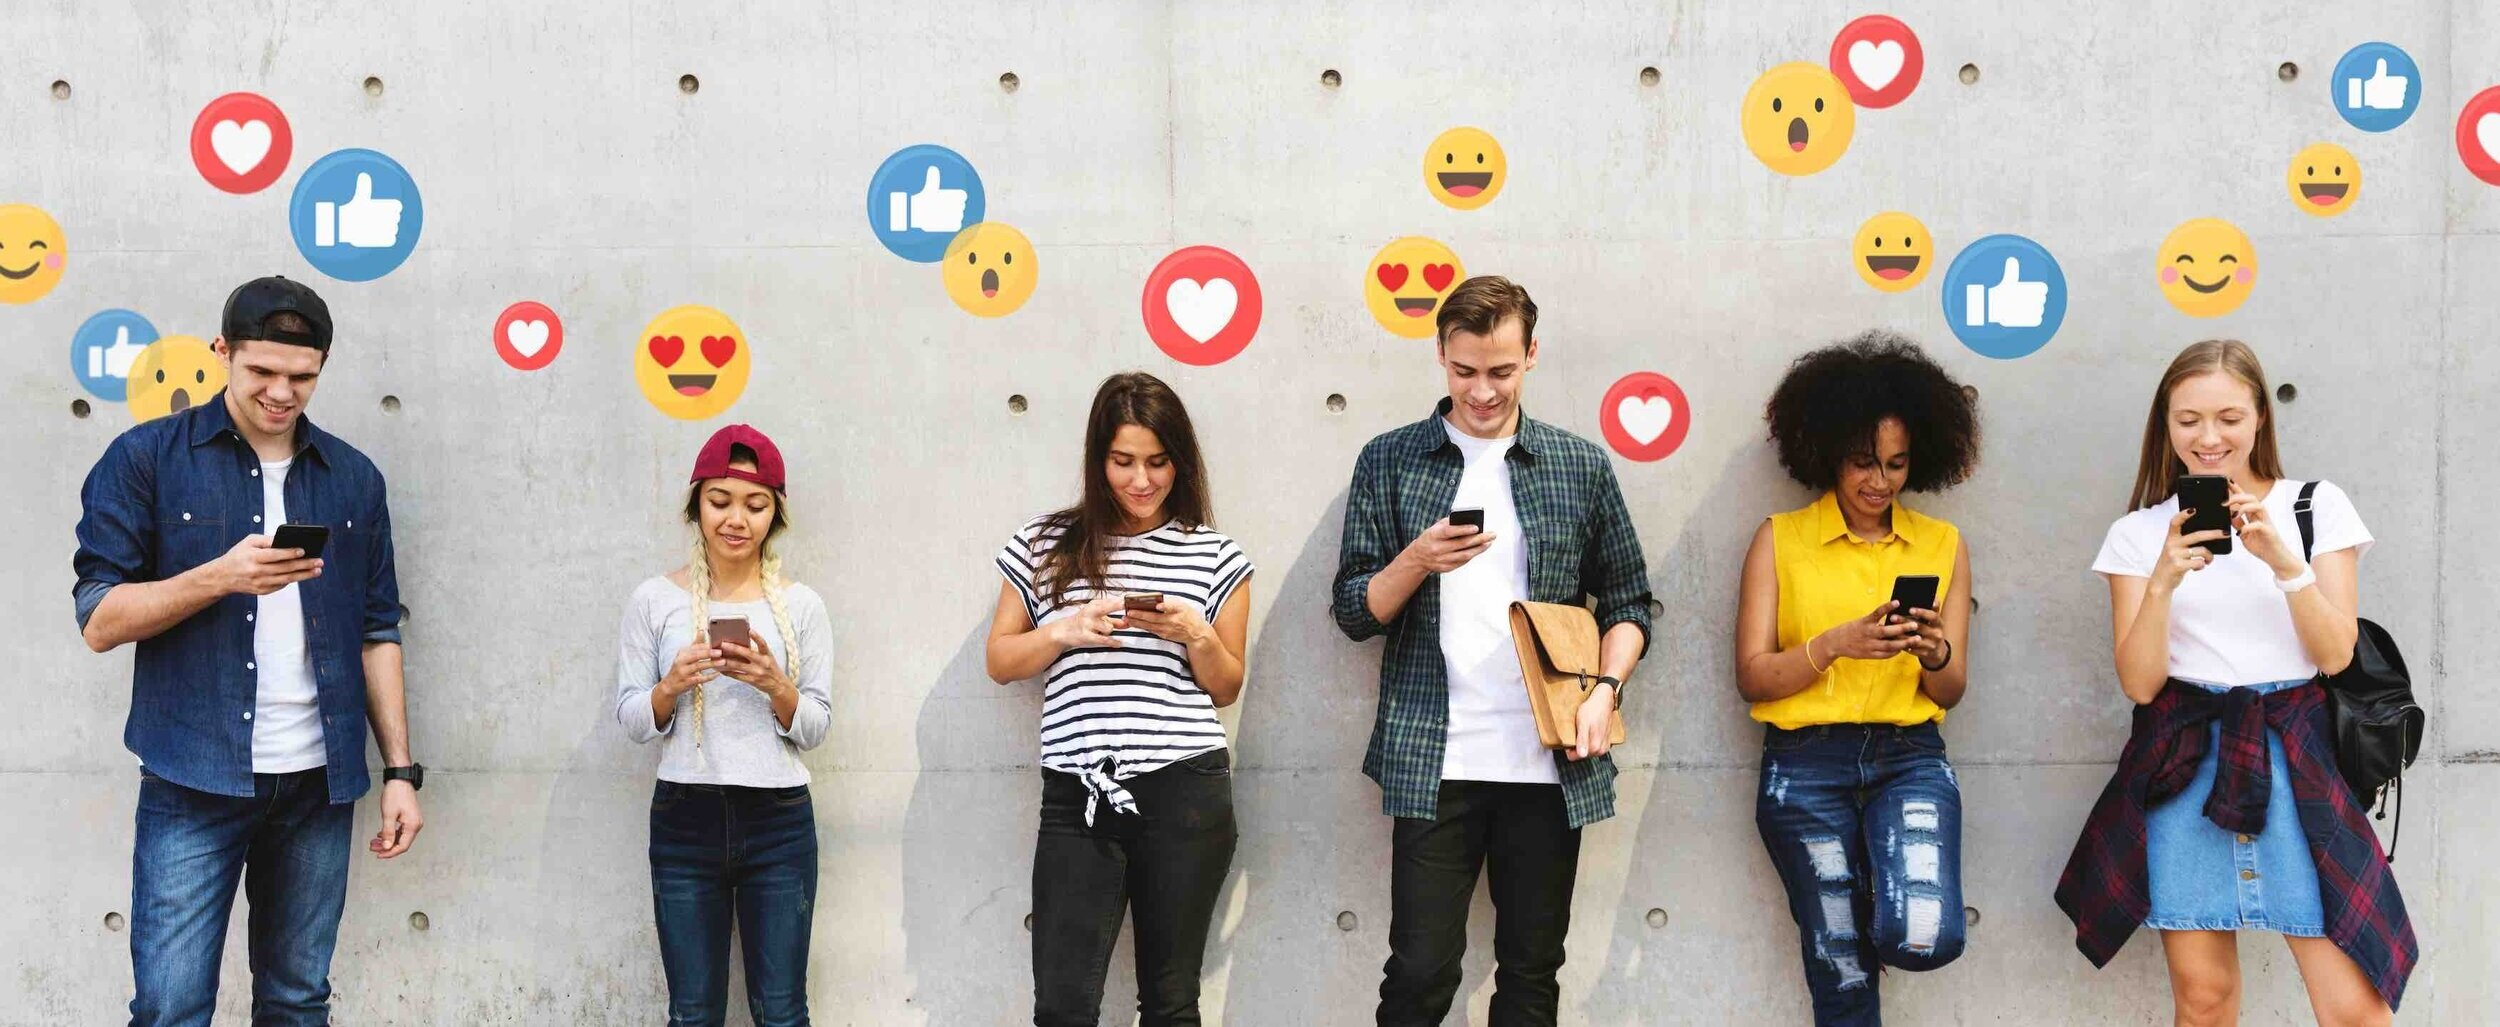 Come trovare una ragazza su facebook